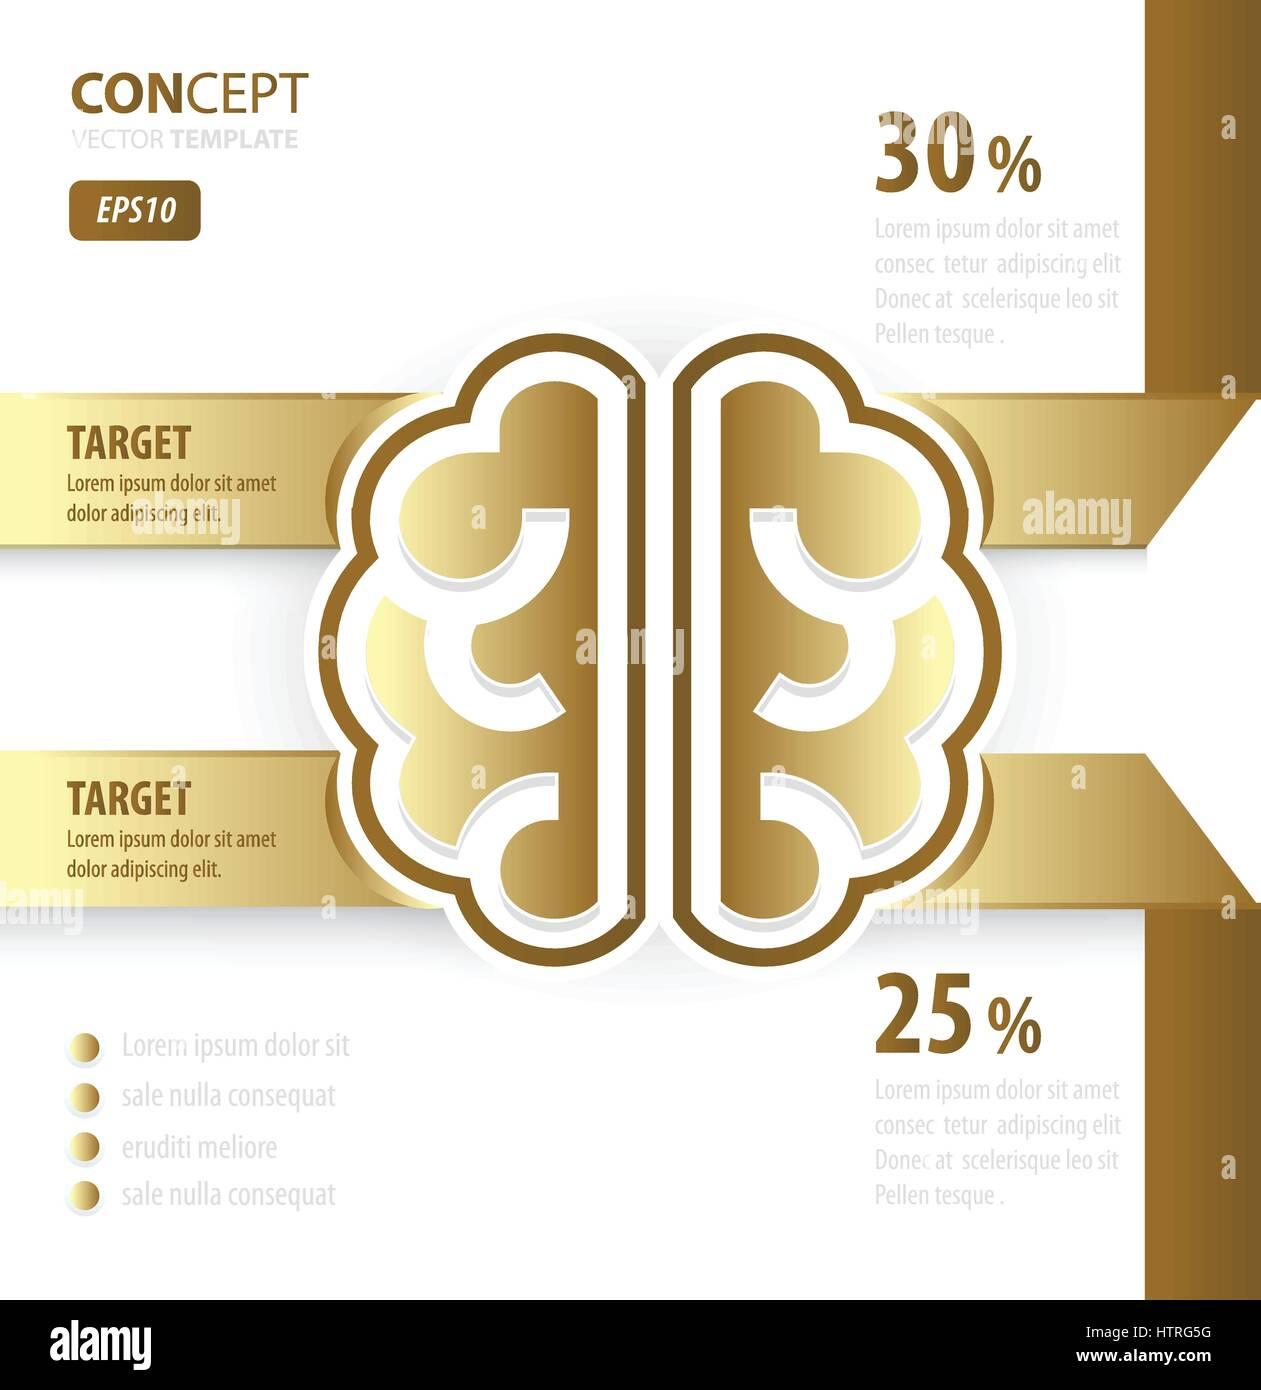 Cerebro Humano concepto estilo de oro Imagen De Stock